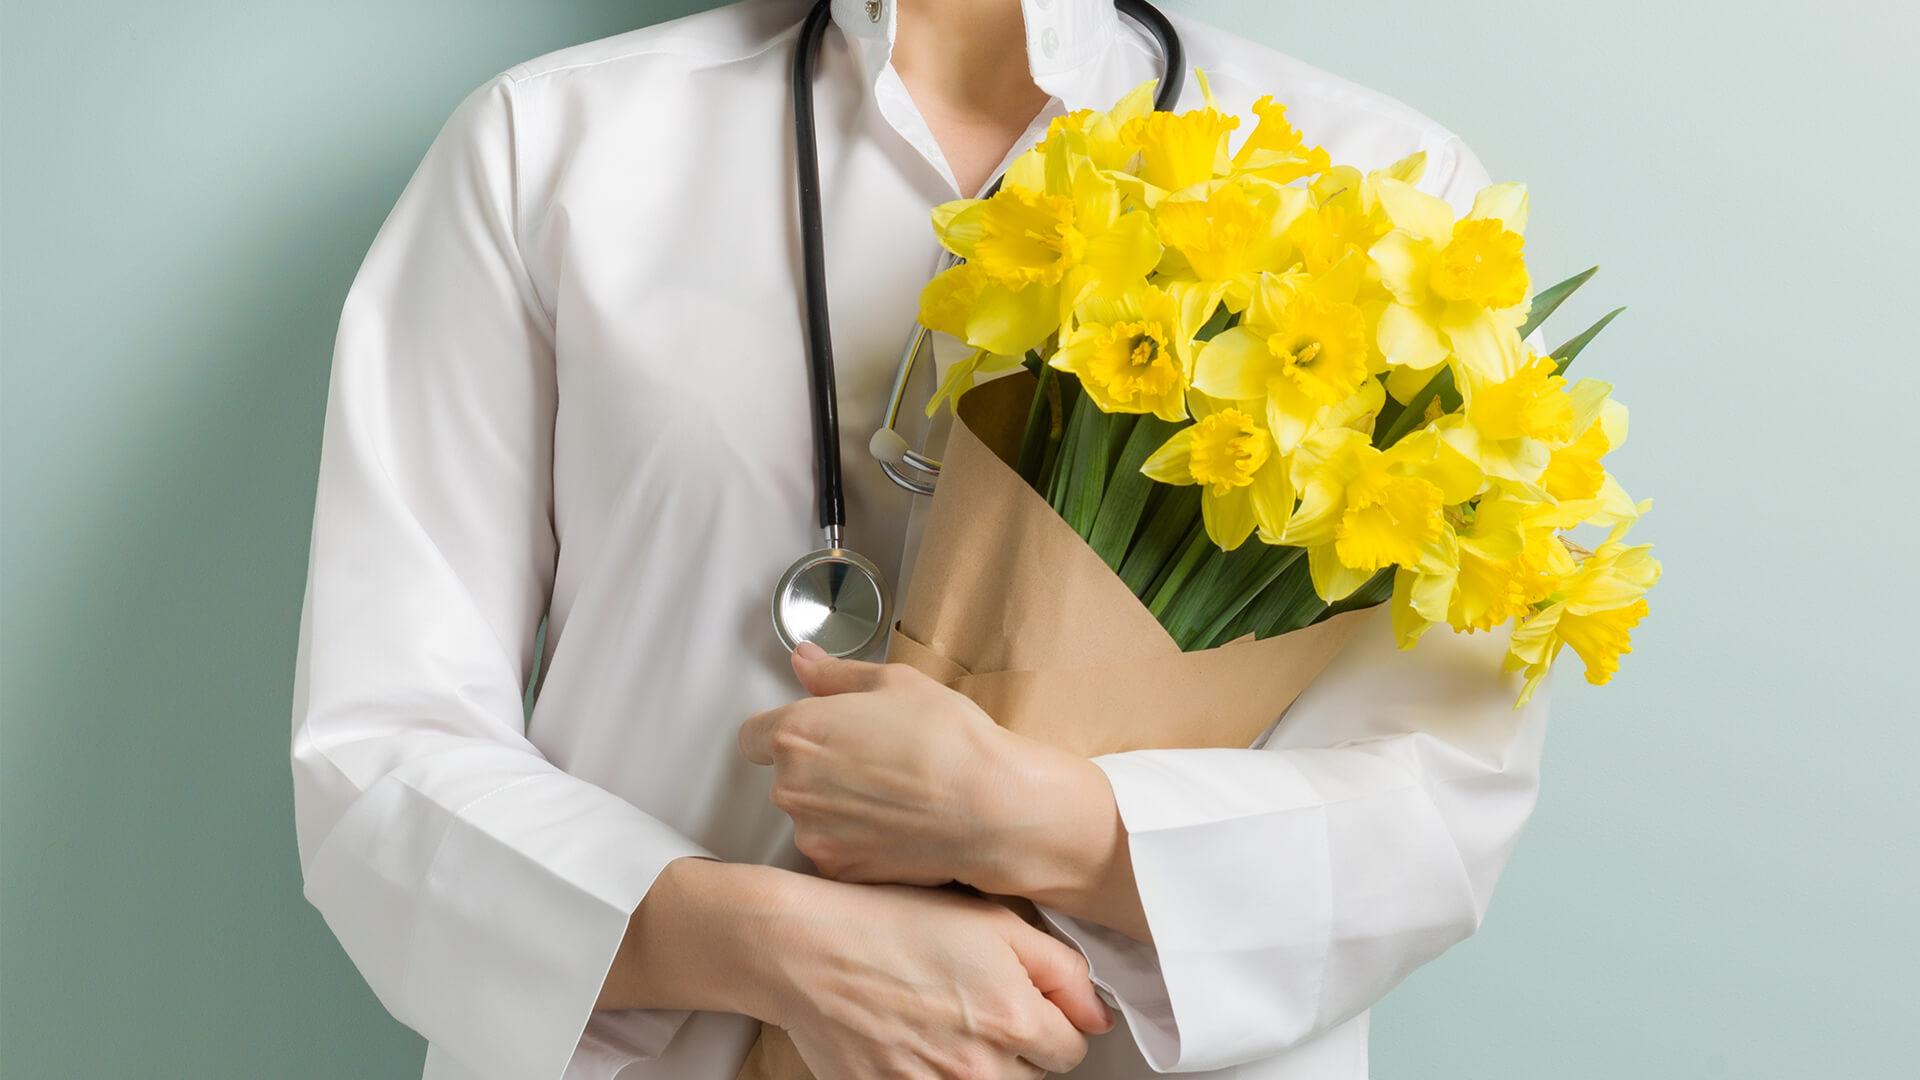 Zdrowych i radosnych Świąt Wielkanocnych - lekarka z bukietem kwiatów